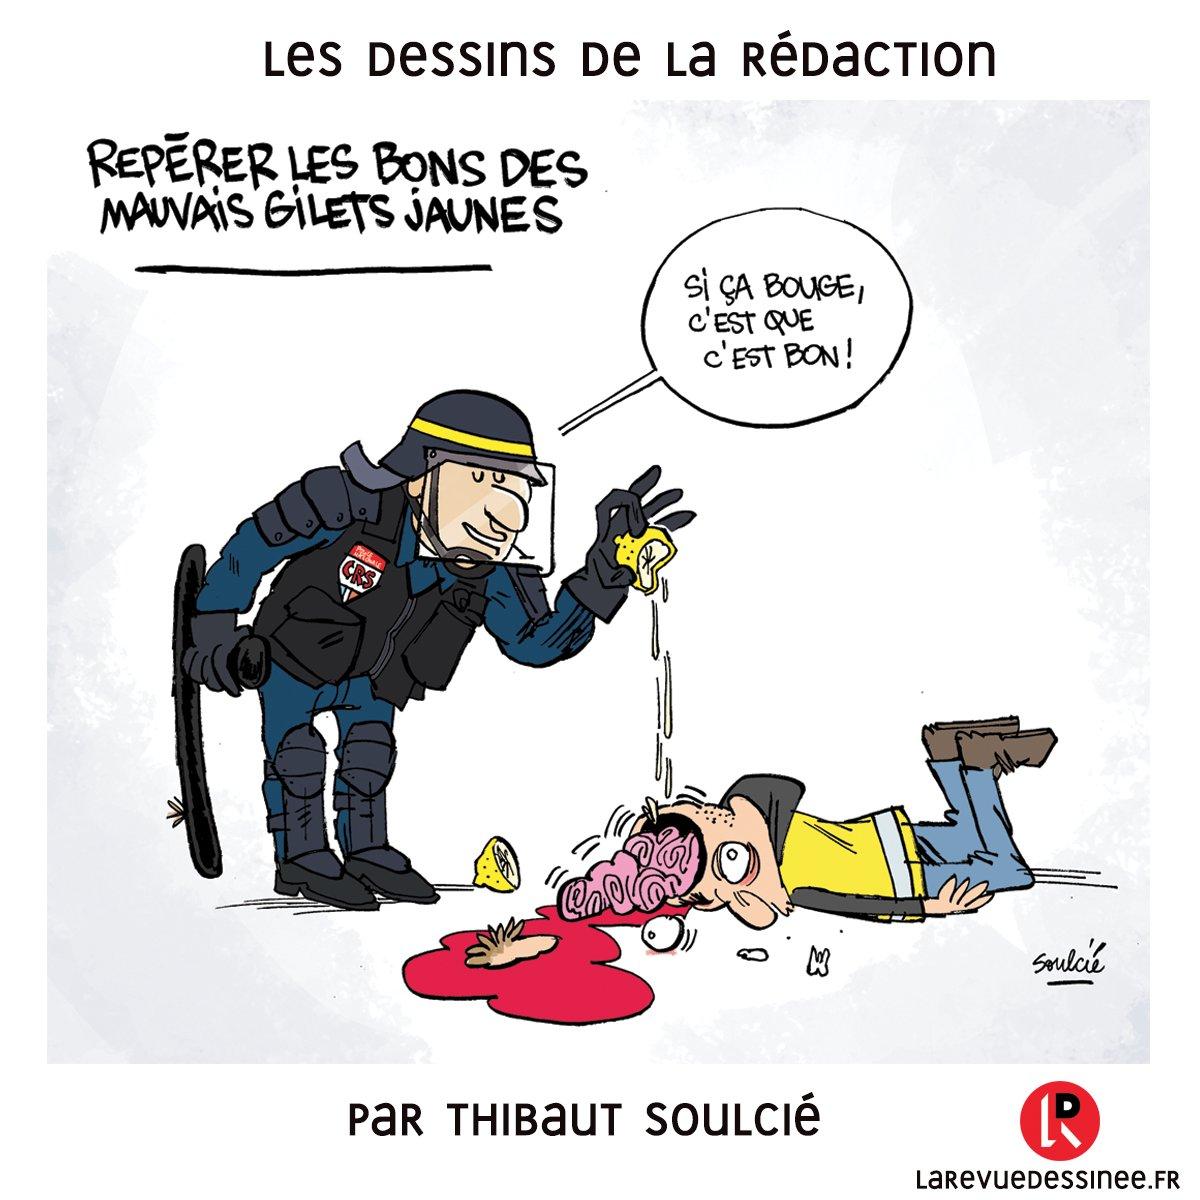 Le dessin de la rédaction, par Thibaut Soulcié (@tsoulcie) #Bourges #GiletsJaunes #ActeIX #Acte9